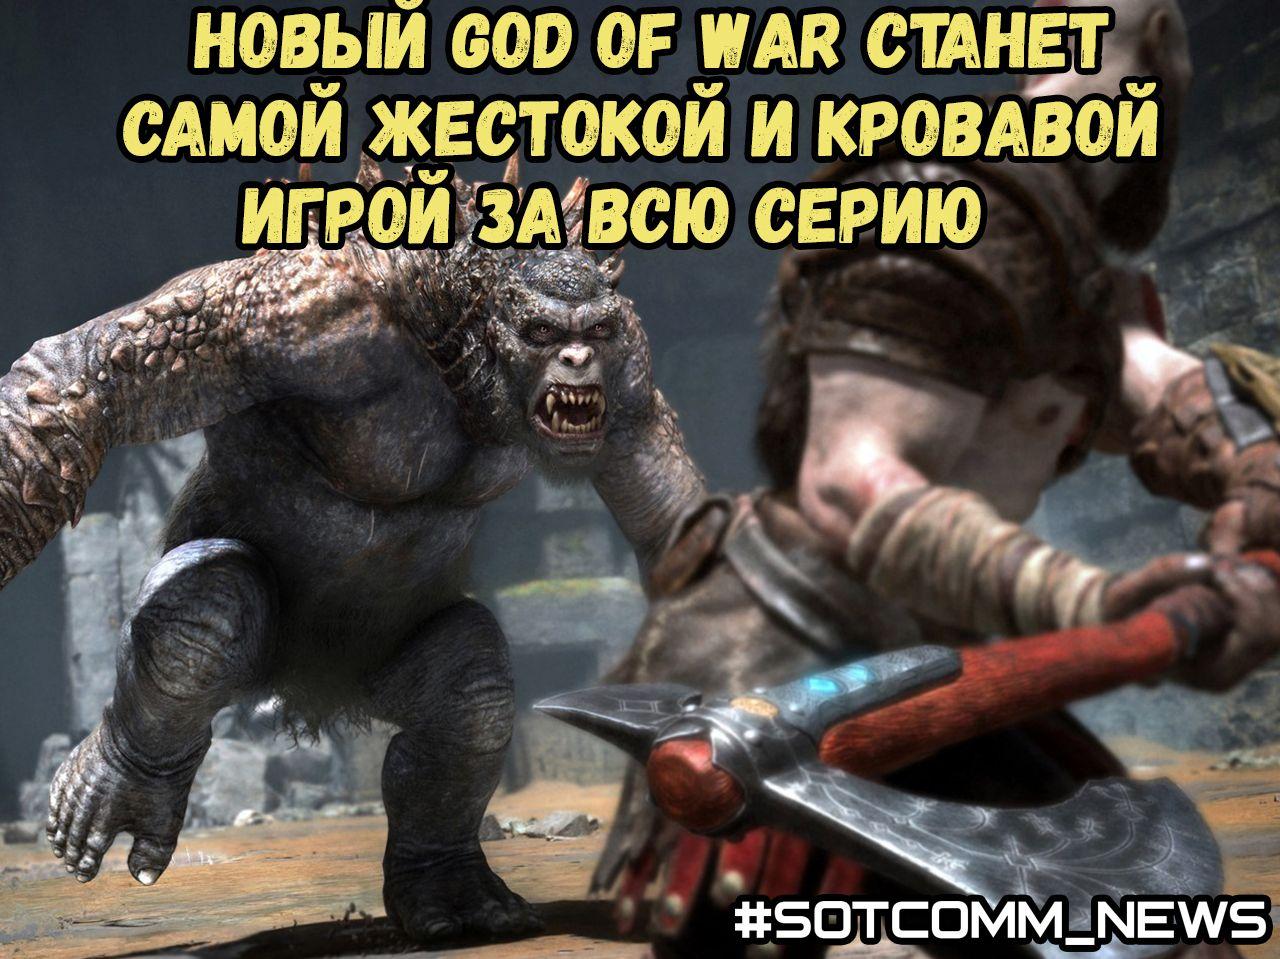 Новый God of War станет самой жестокой и кровавой игрой за всю серию